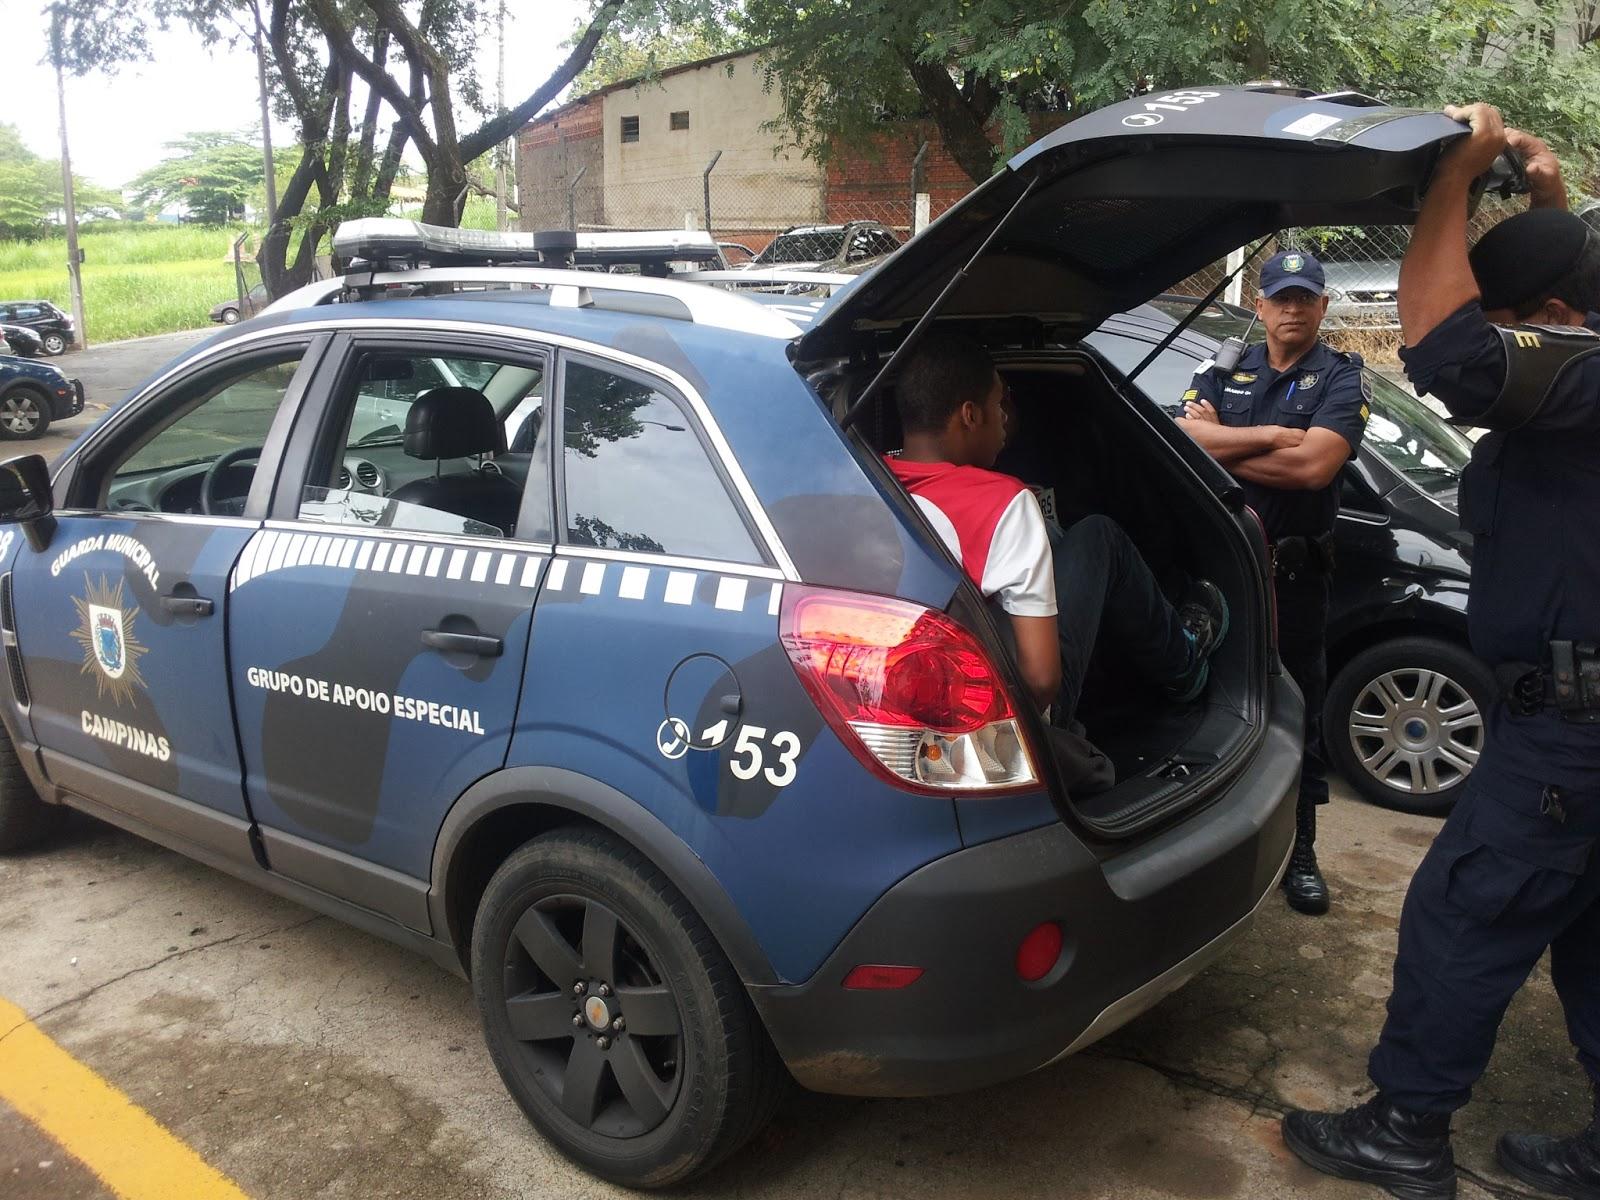 banco bradesco jardim londres campinas: Campinas SP detém suspeitos de ataque em saída de banco (saidinha de